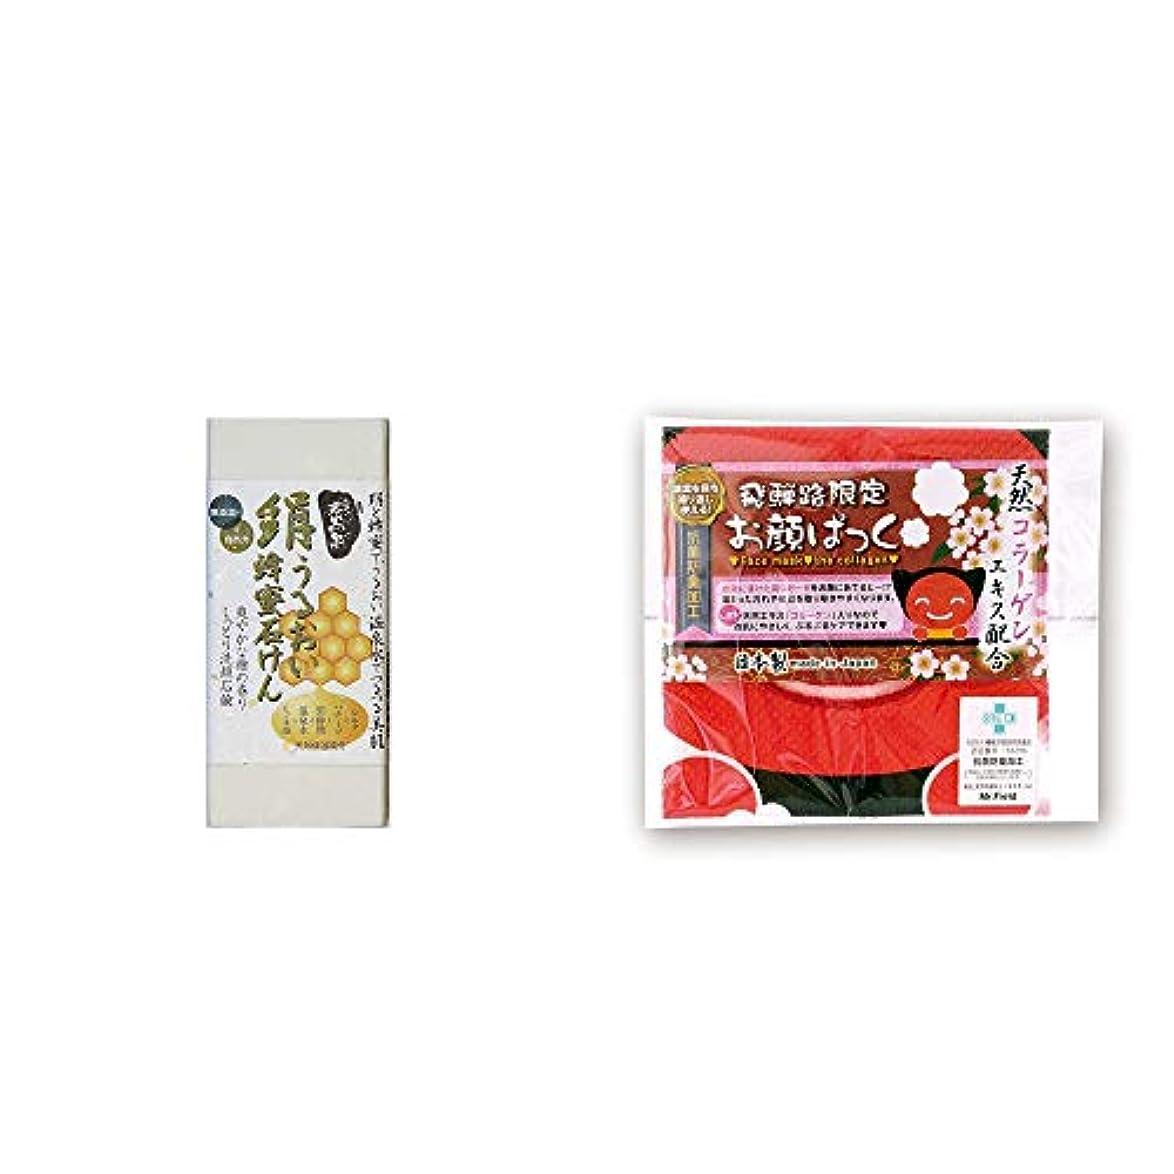 ダルセットリビジョンコース[2点セット] ひのき炭黒泉 絹うるおい蜂蜜石けん(75g×2)?飛騨路限定 さるぼぼ お顔ぱっく[耳かけ紐付き](1枚入)/繰り返し使えるガーゼ生地フェイスパック(日本製)//